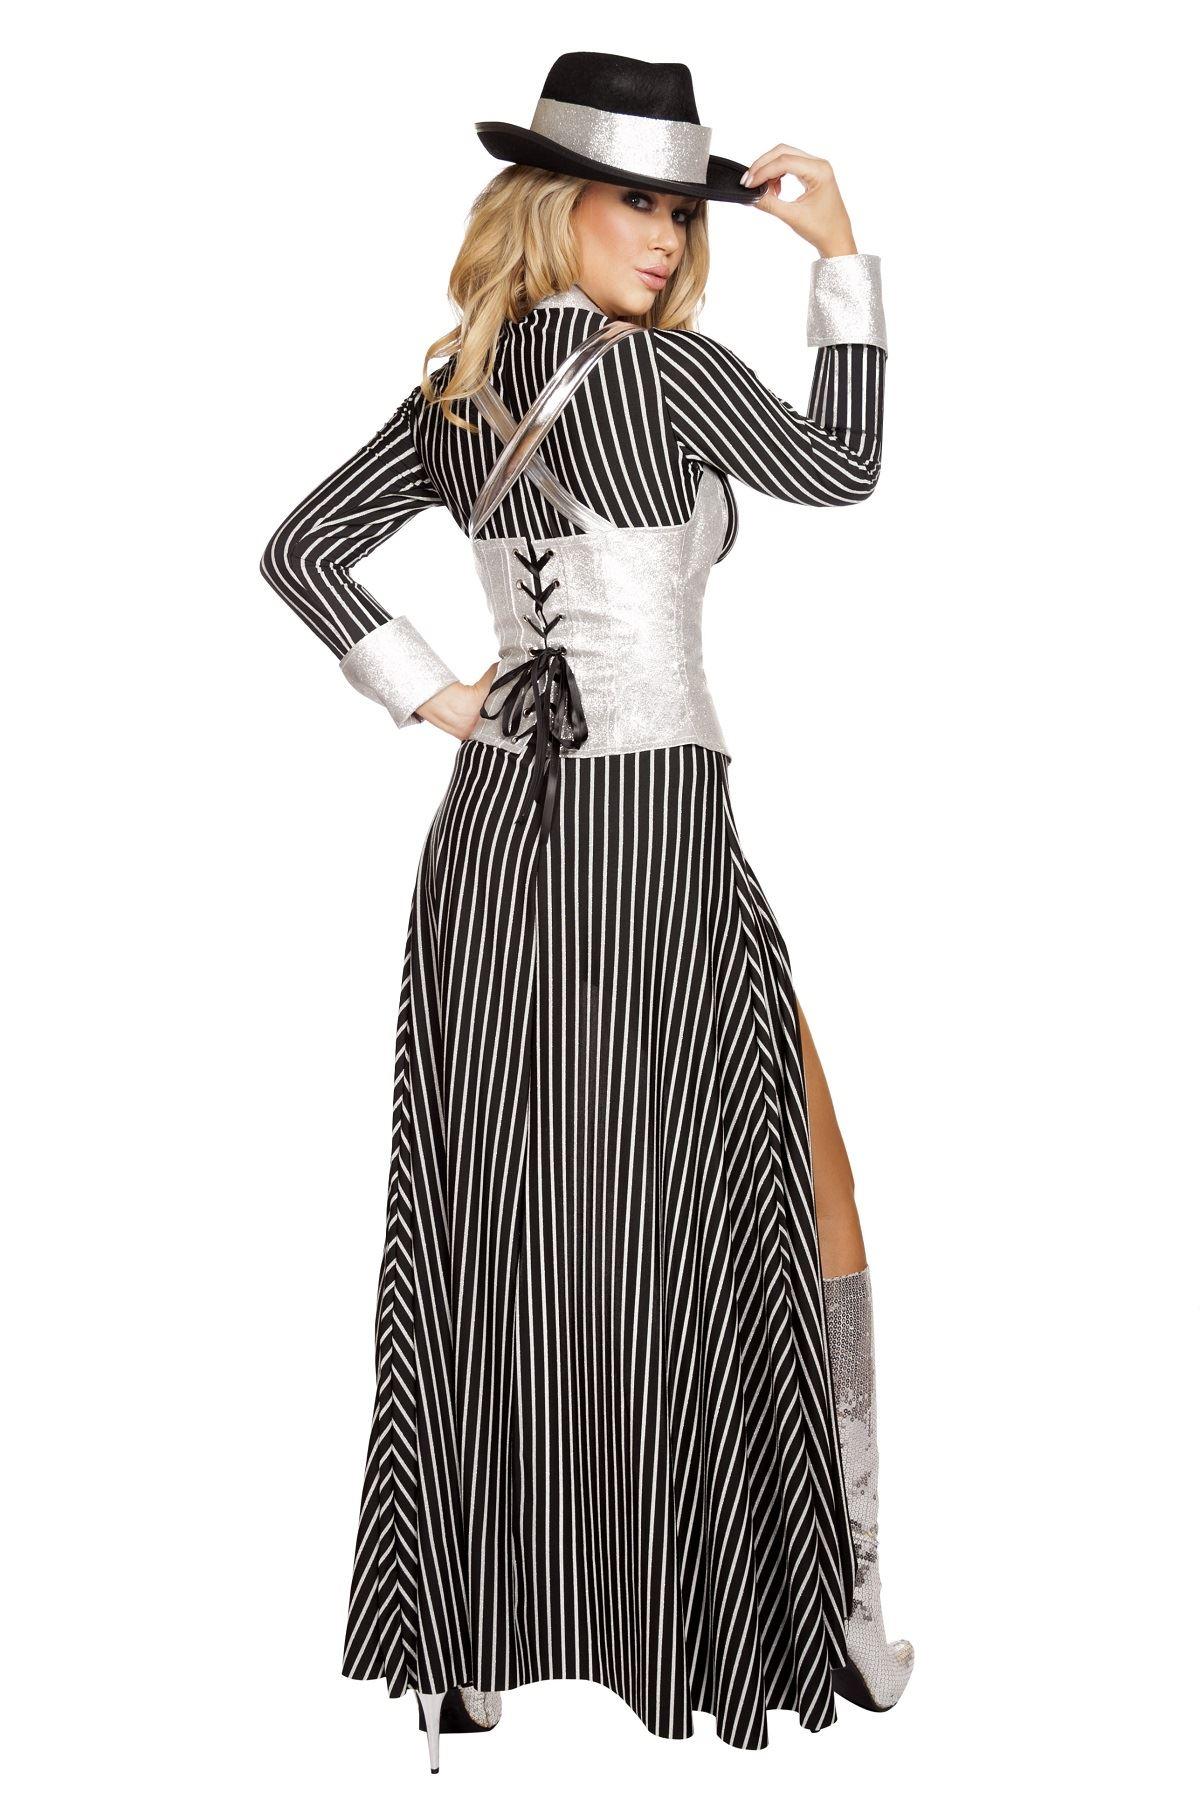 Womens Matching Halloween Costumes